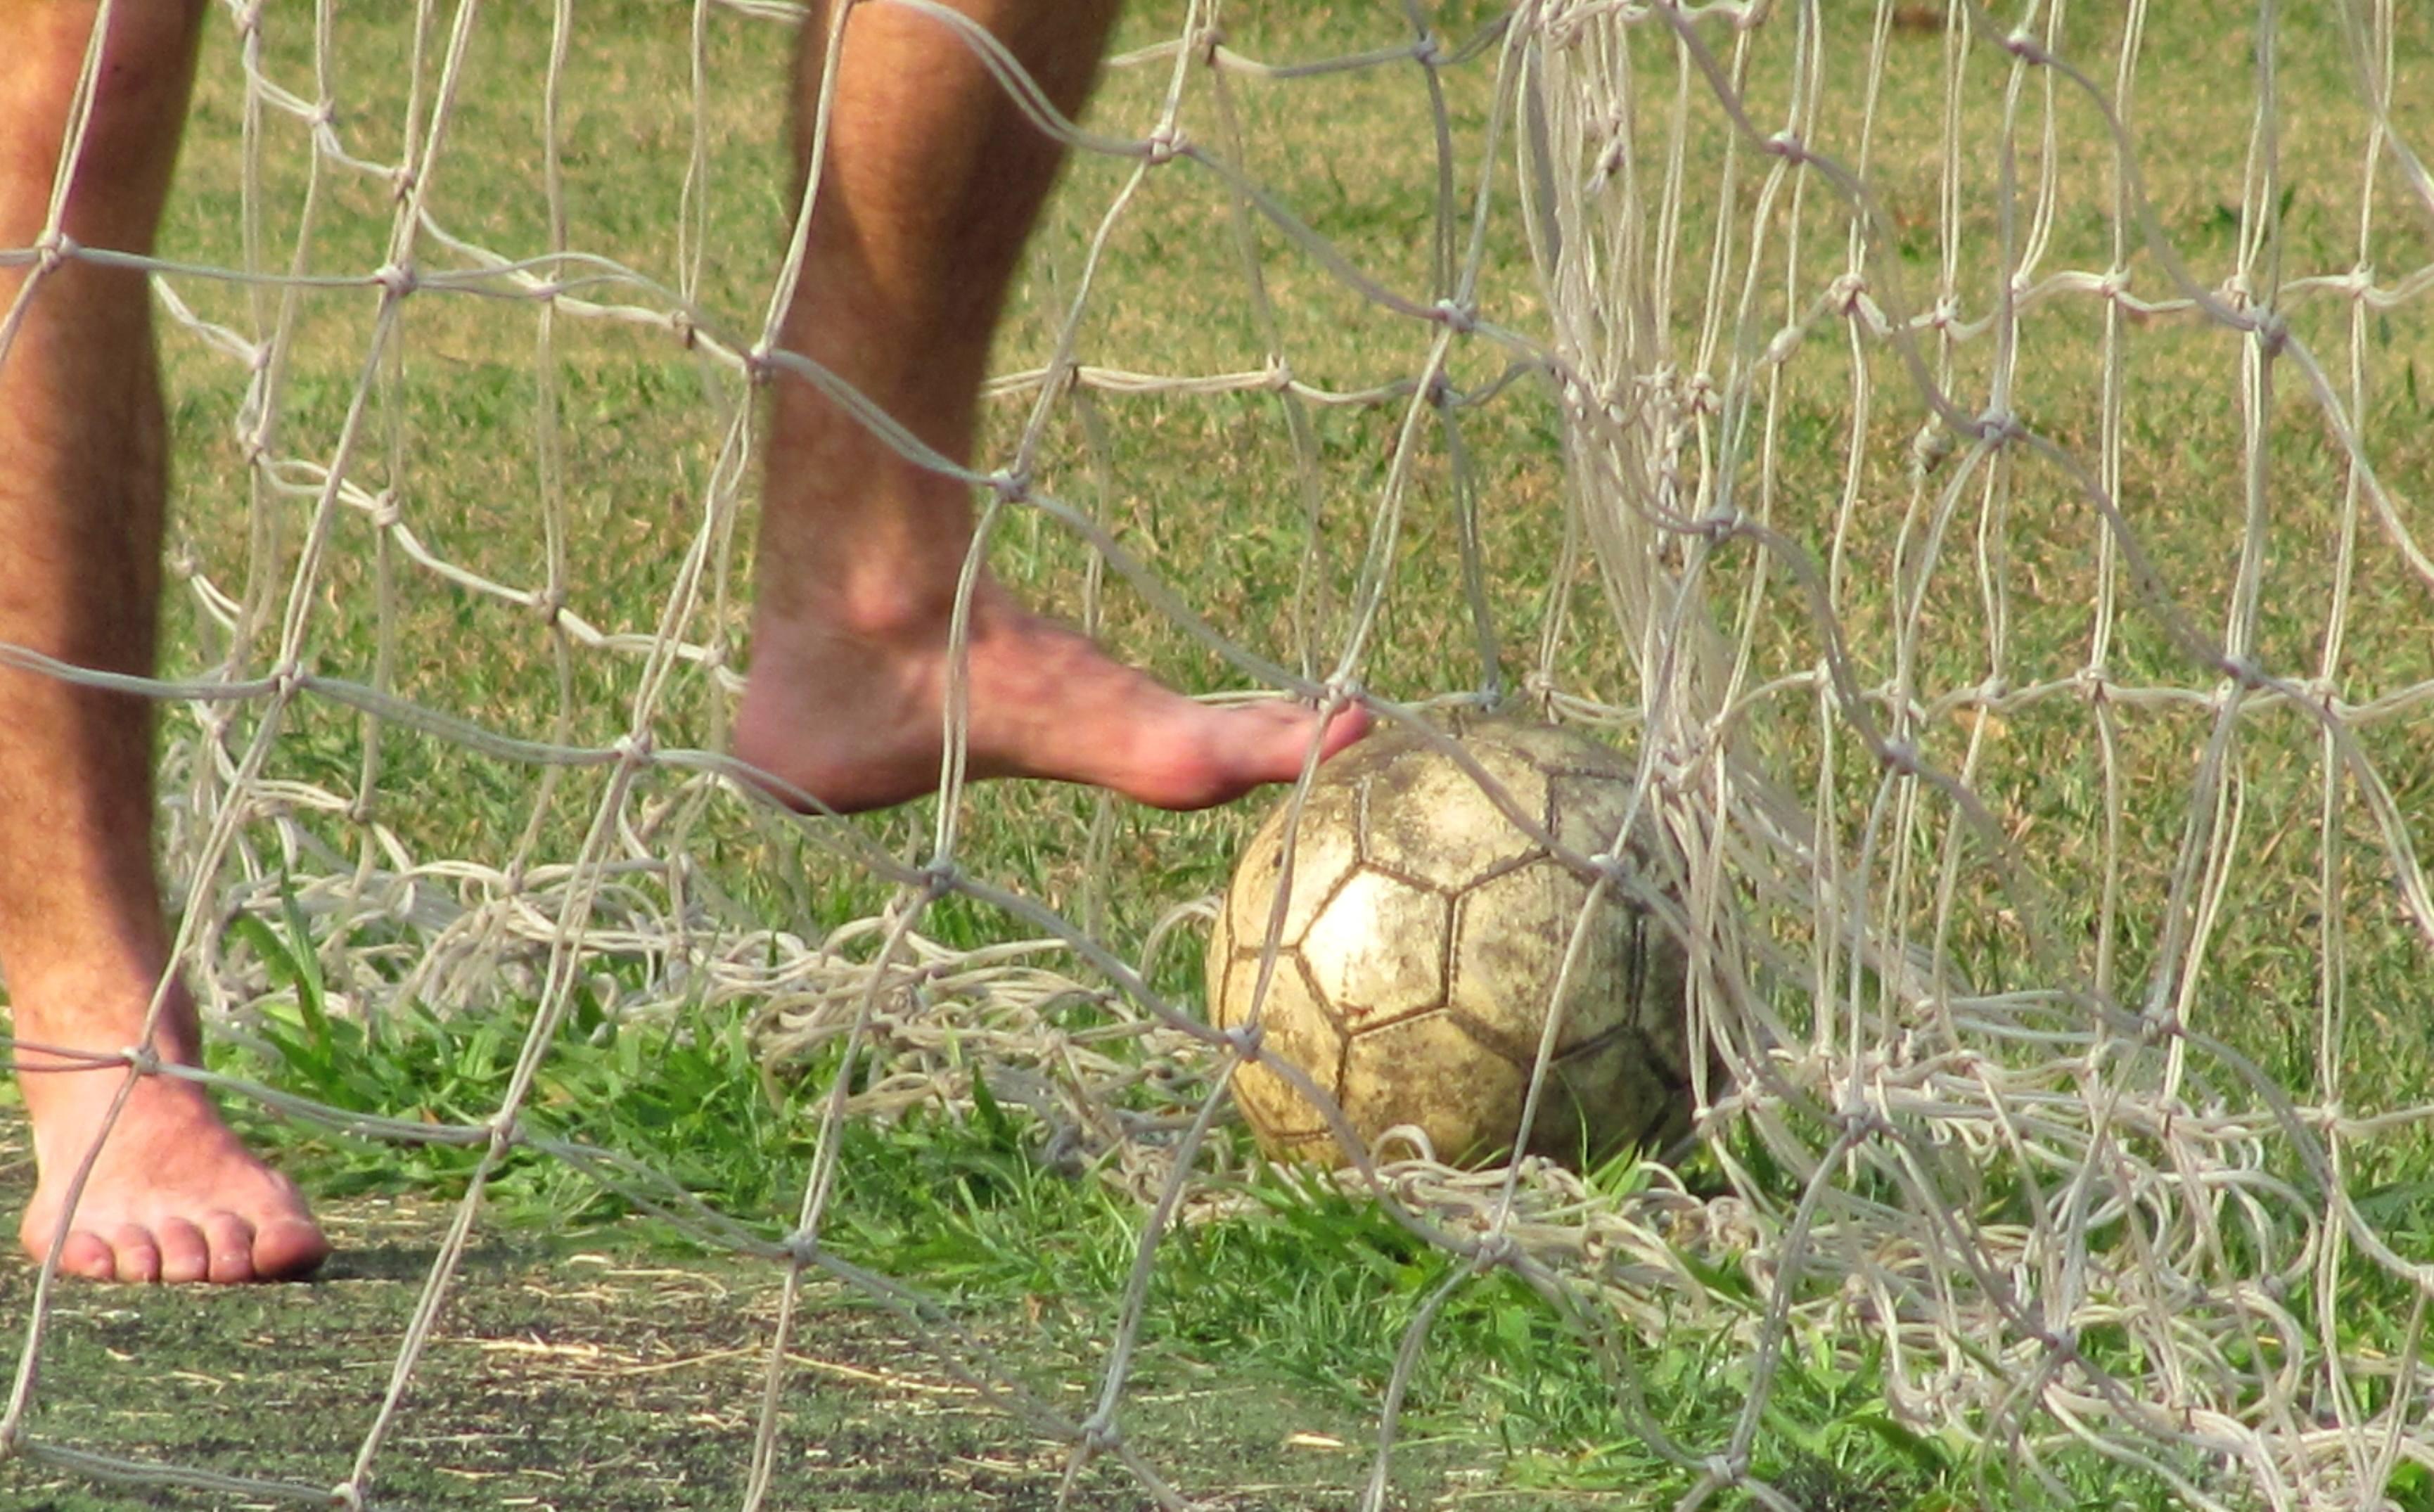 Fussball Ball Fuesse Beine Netz Rasen Symbolbild Qf Pixel